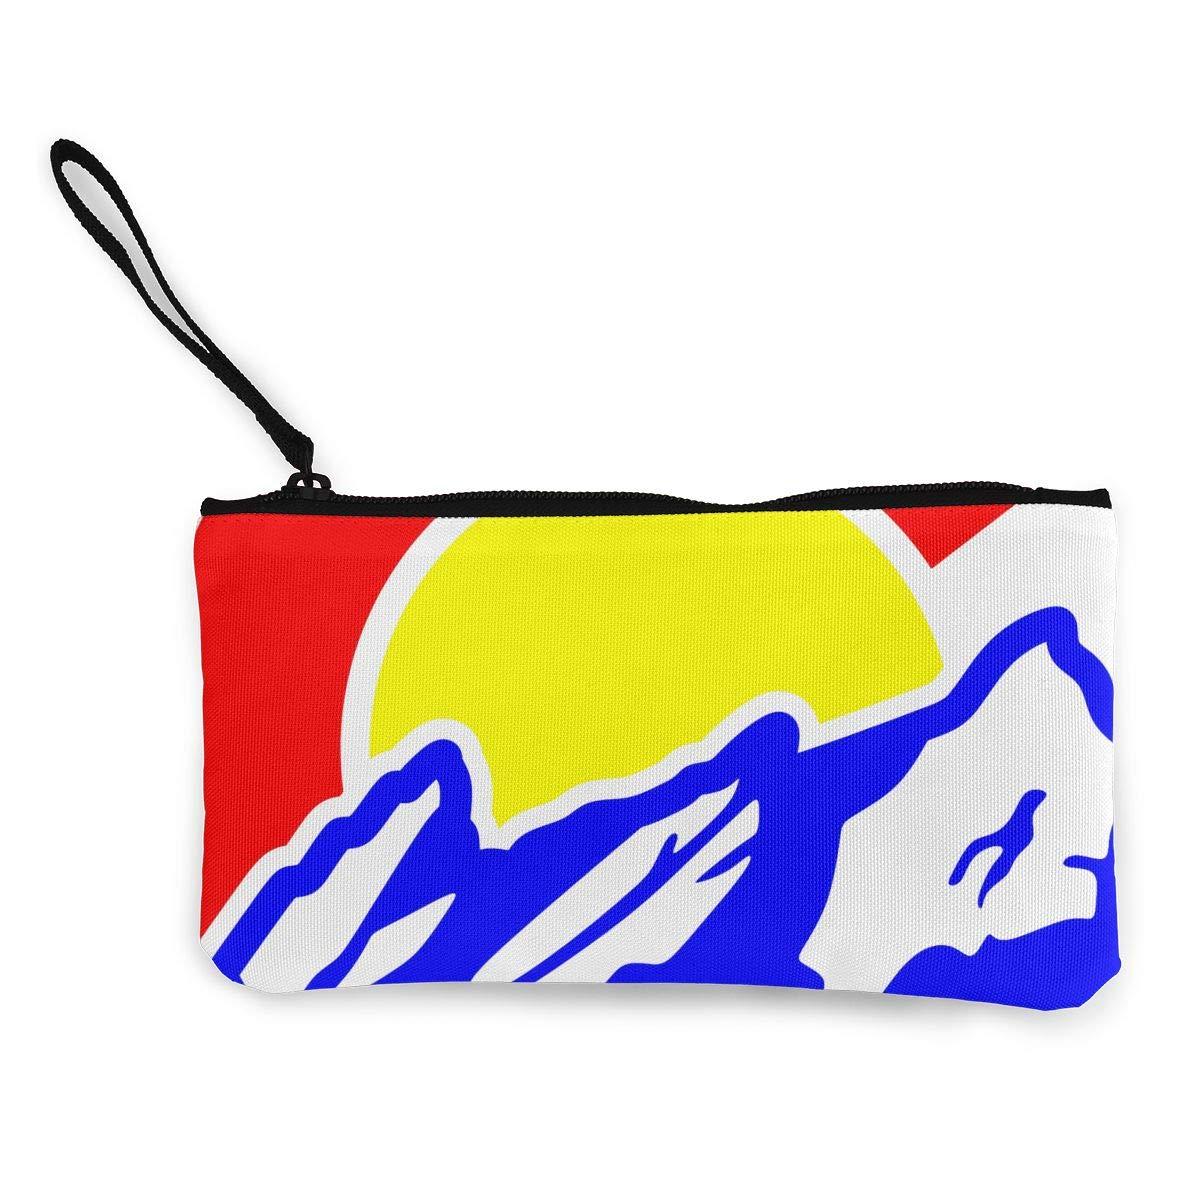 Make Up Bag Cellphone Bag With Handle TR7FD15DE Colorado Mountain Bear Zipper Canvas Coin Purse Wallet